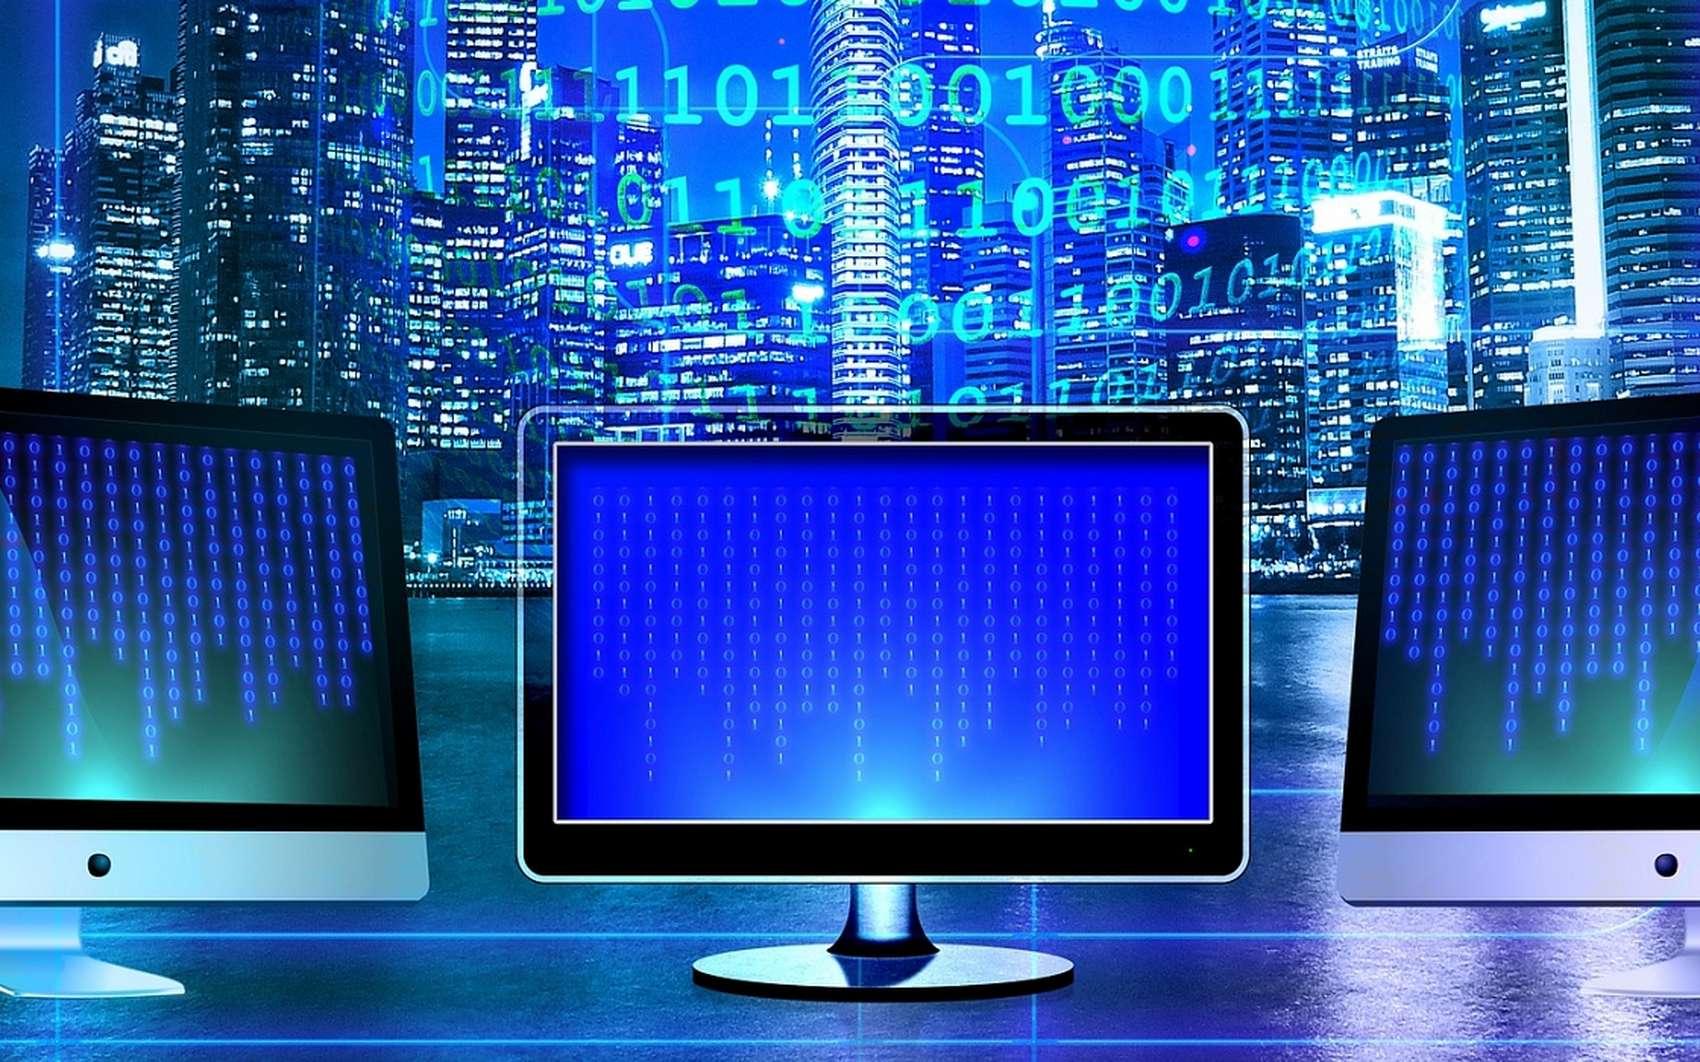 Démarrer deux systèmes d'exploitation au choix, à partir d'une même machine, c'est possible avec la fonctionnalité du « dual-boot ». © Geralt, Pixabay